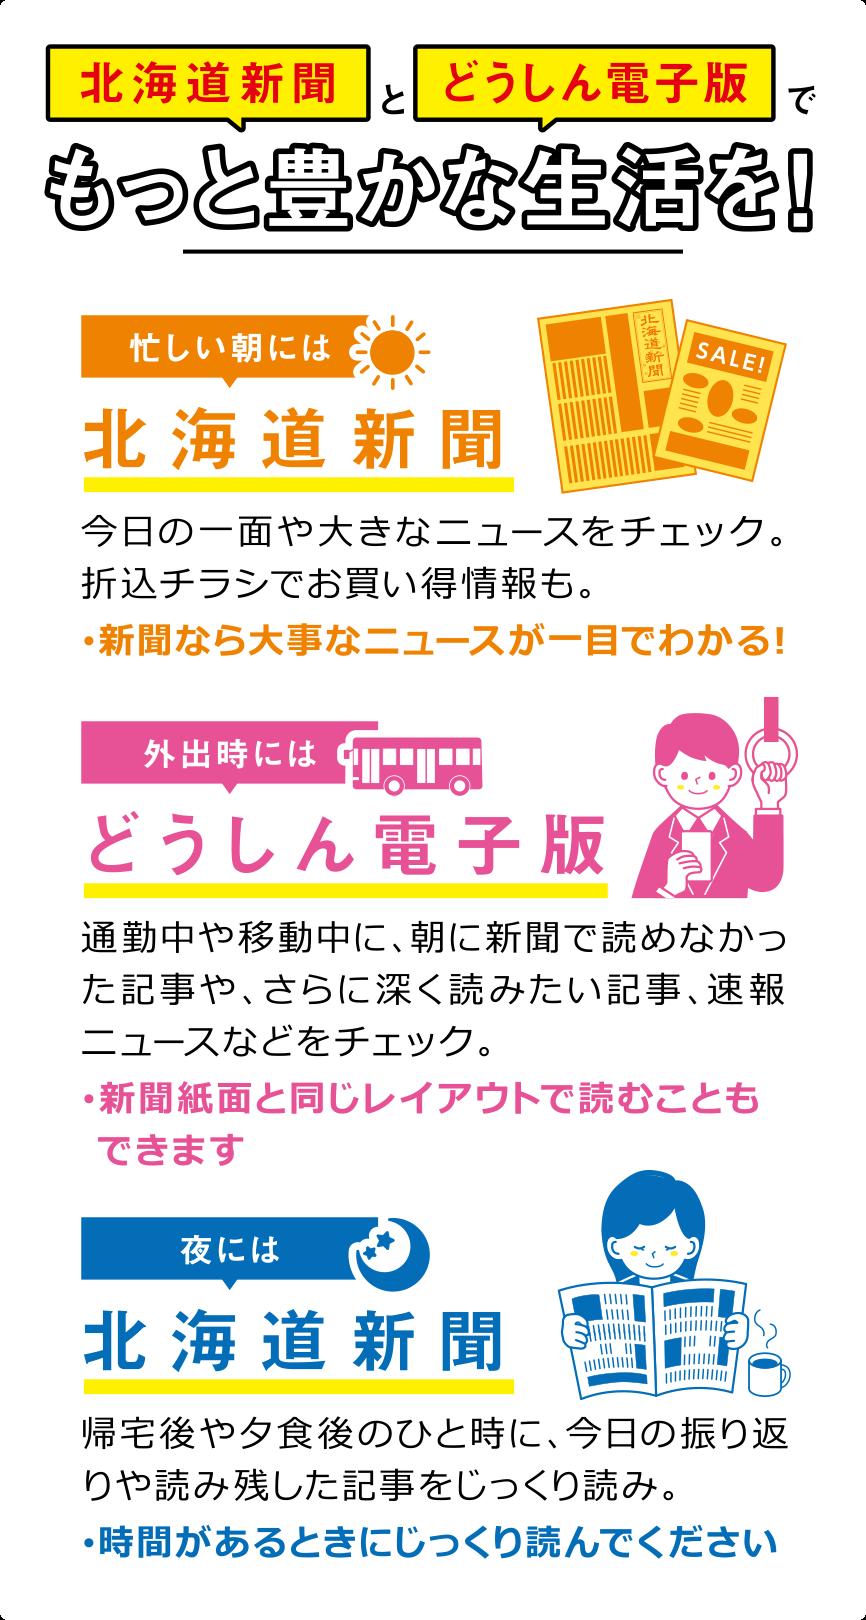 北海道新聞とどうしん電子版でもっと豊かな生活を!